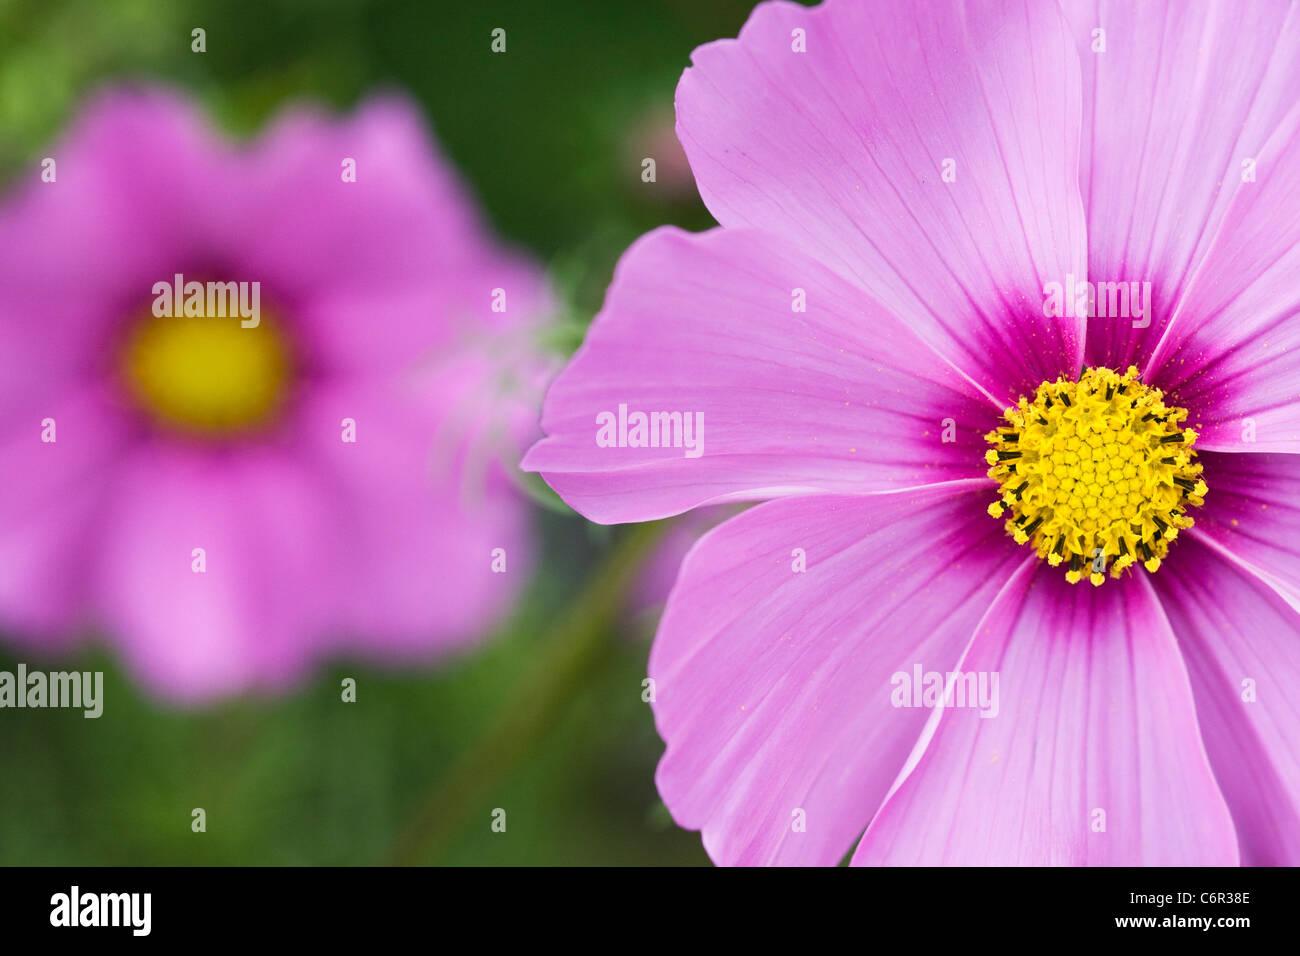 Cosmos bipinnatus flower. - Stock Image